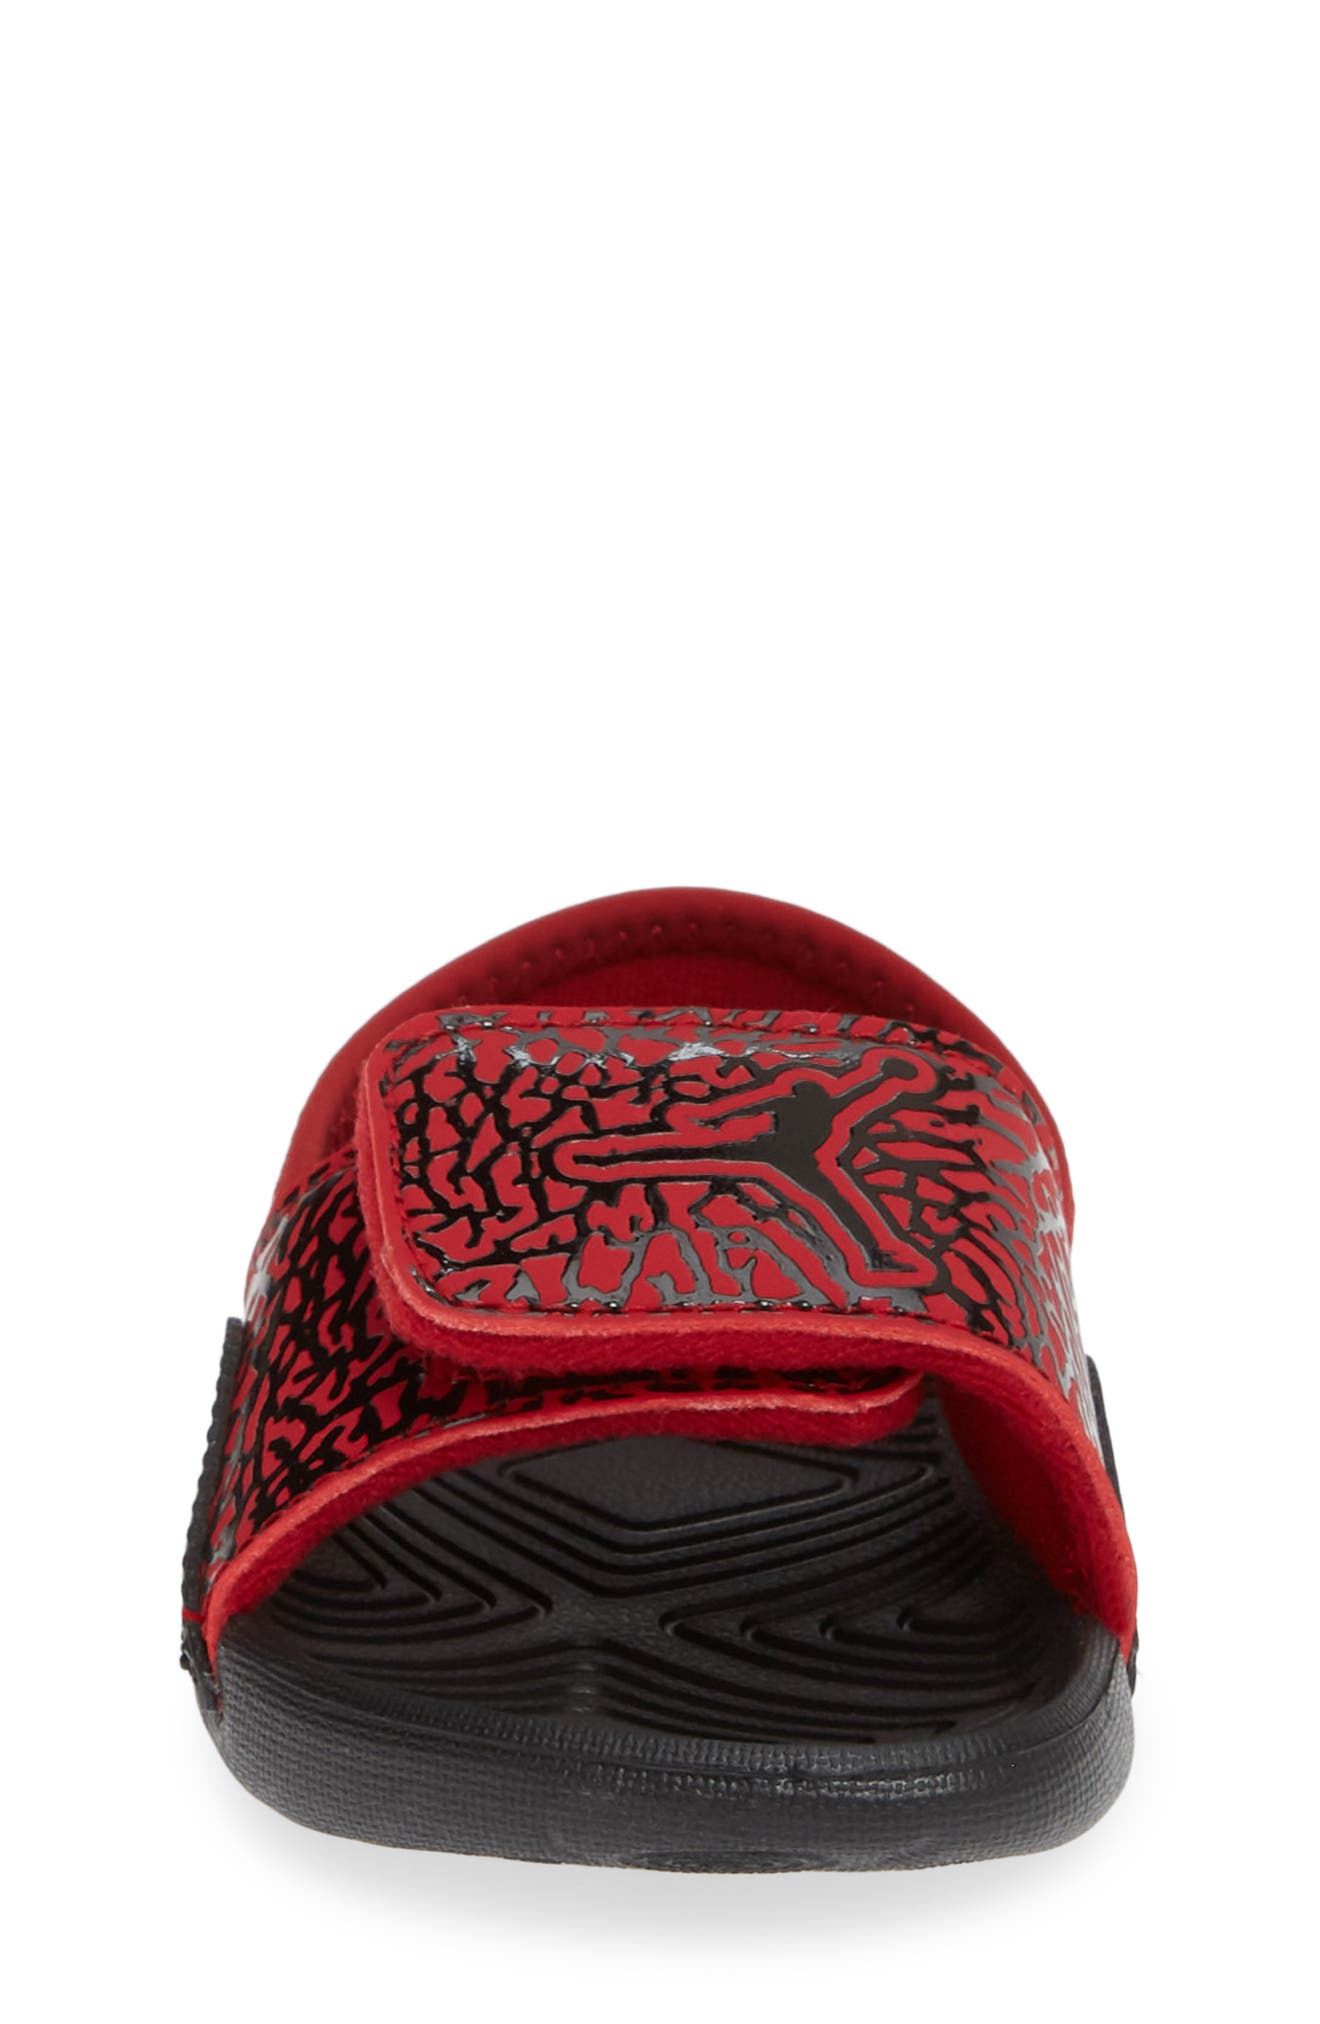 Hydro 7 V2 Sandal,                             Alternate thumbnail 4, color,                             GYM RED/ BLACK 2